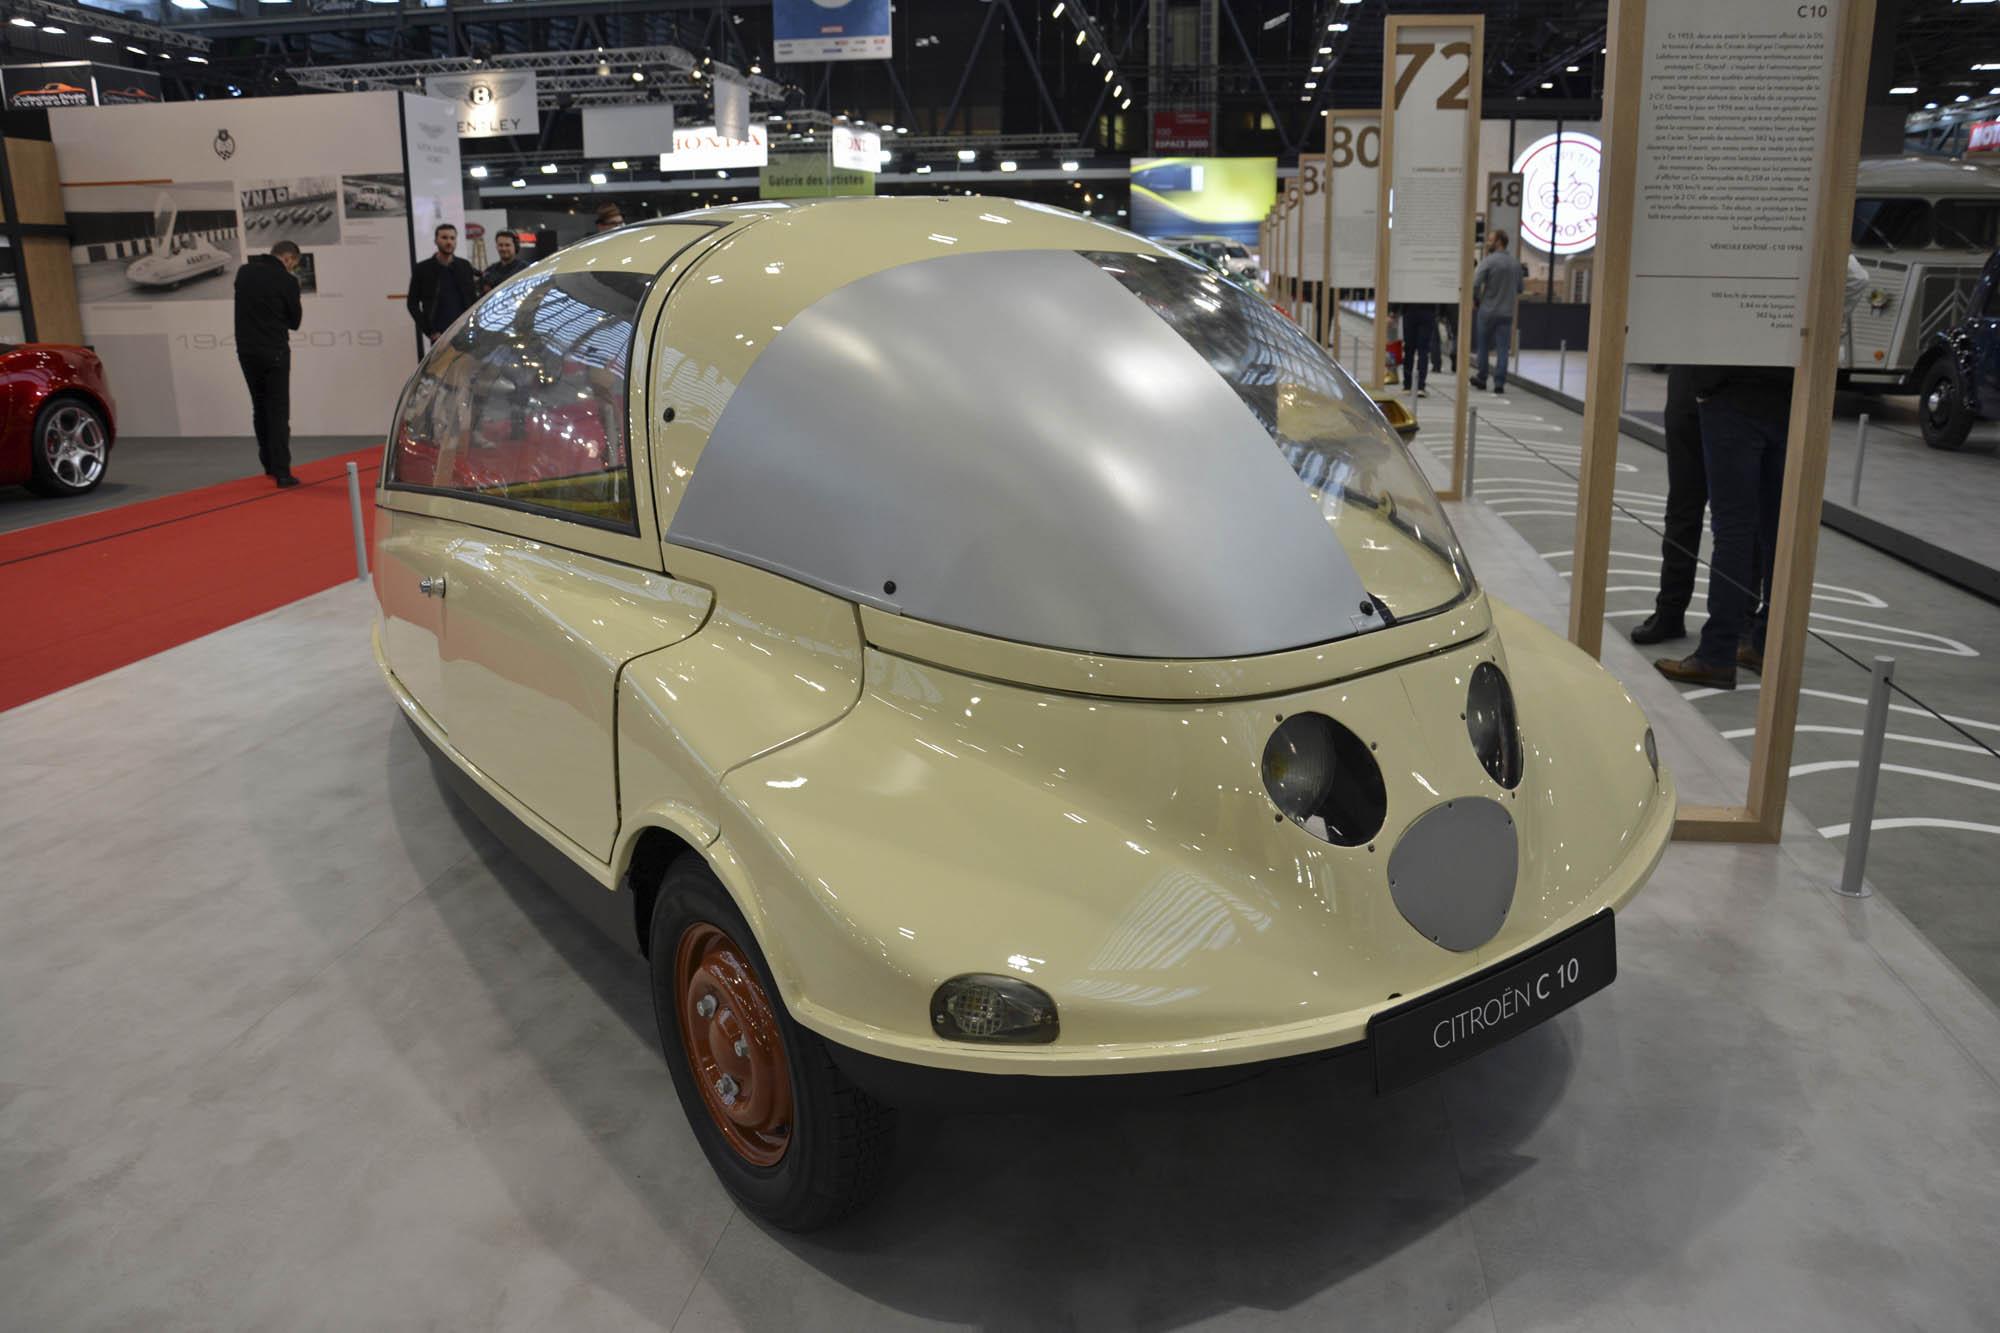 Citroën C10 front 3/4